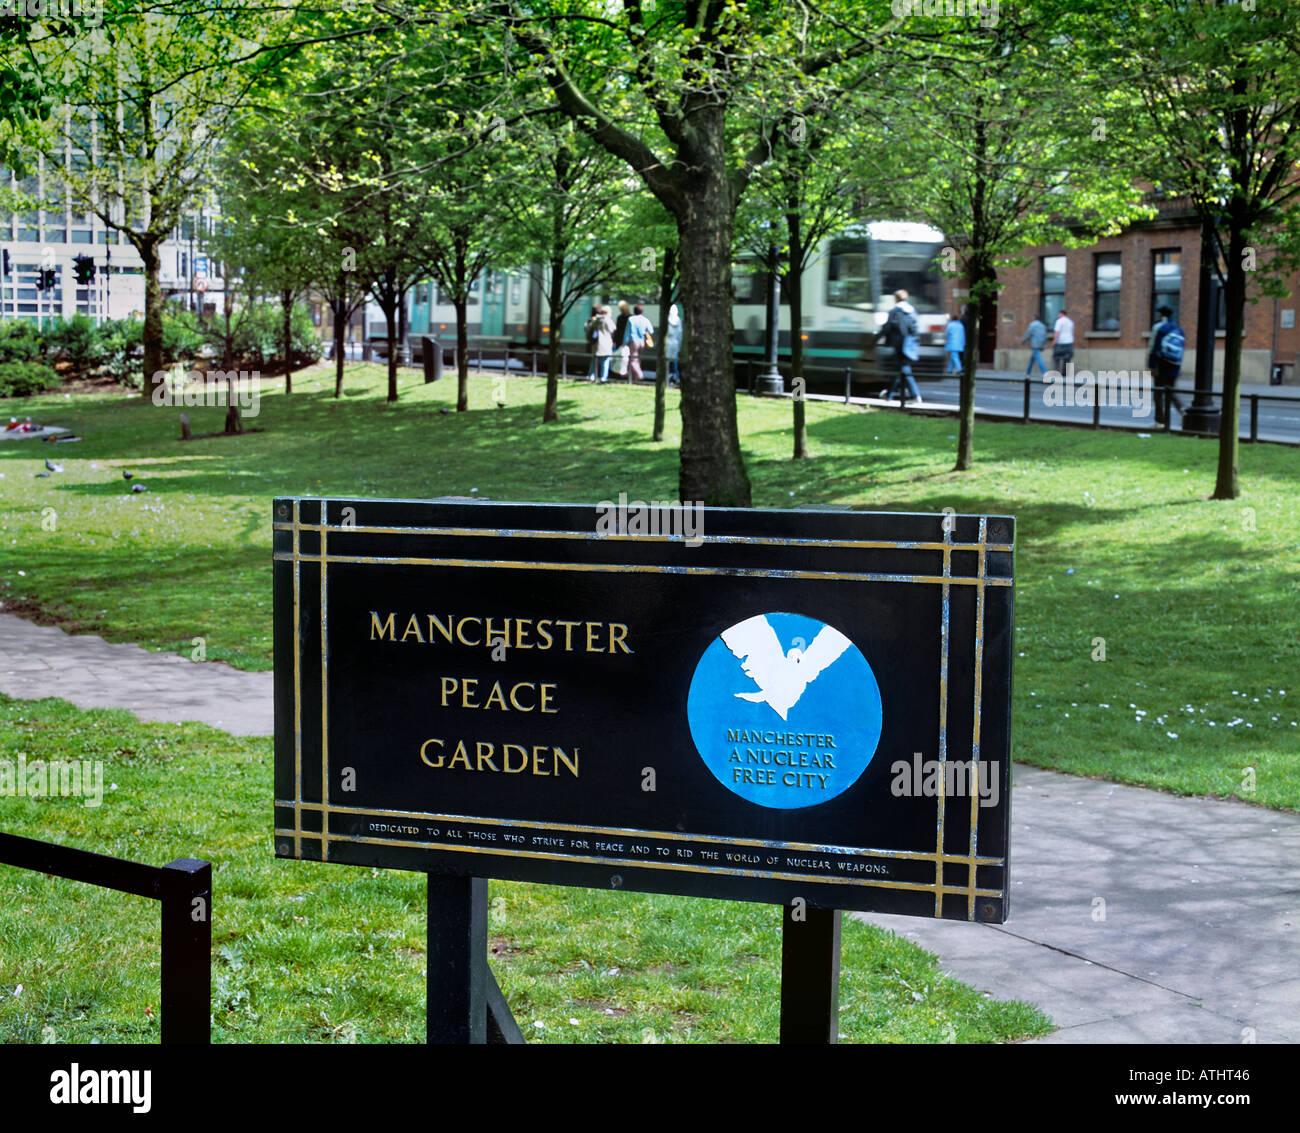 L'autorité locale sans nucléaire logo sur une affiche dans le jardin de la paix de Manchester, St Peters Square, Manchester. Photo Stock